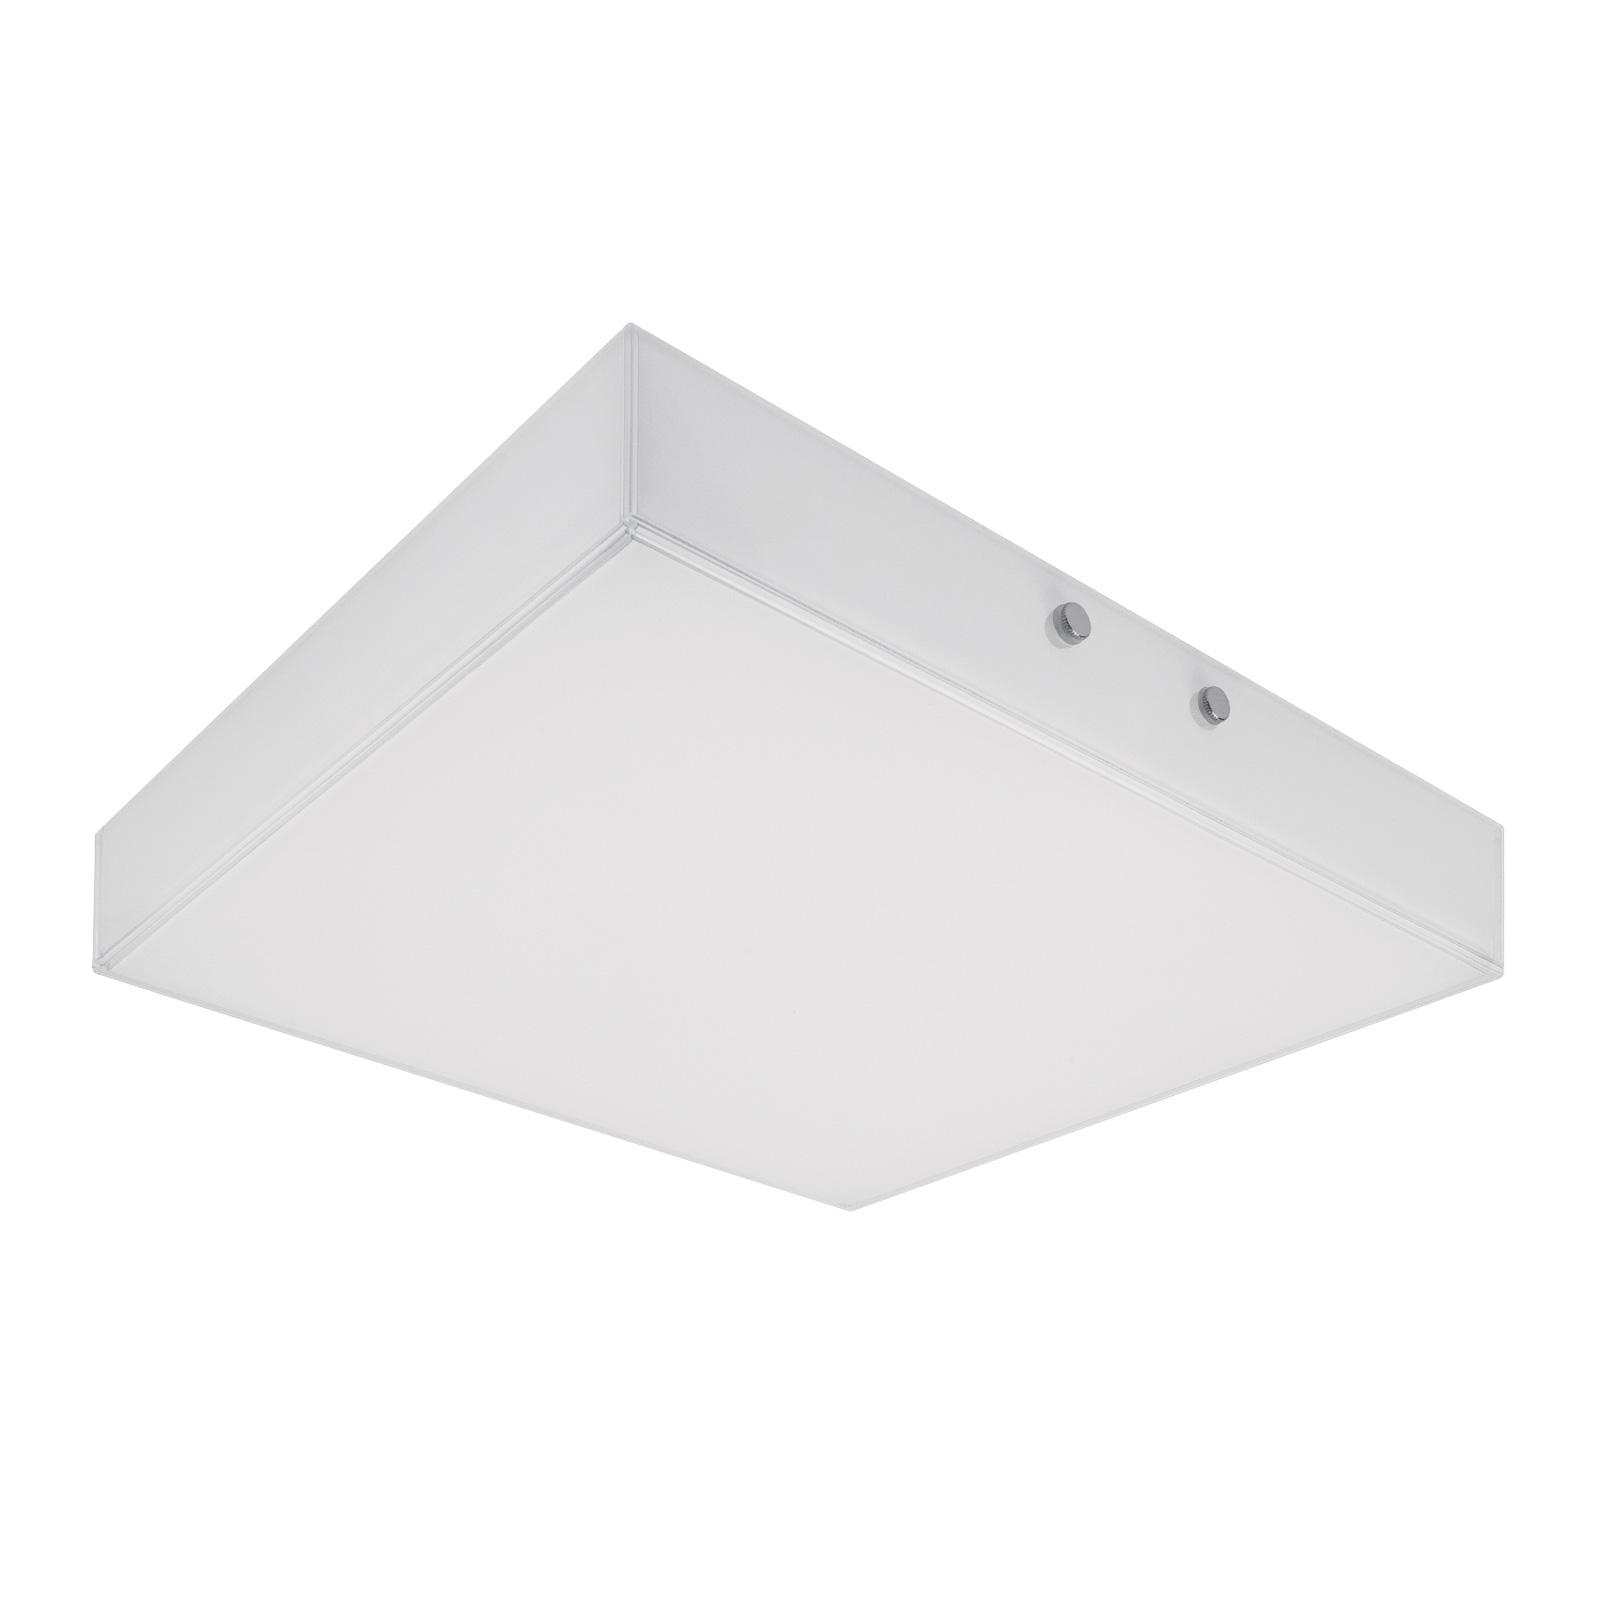 LEDVANCE Lunive Quadro plafoniera 30 cm 4.000 K